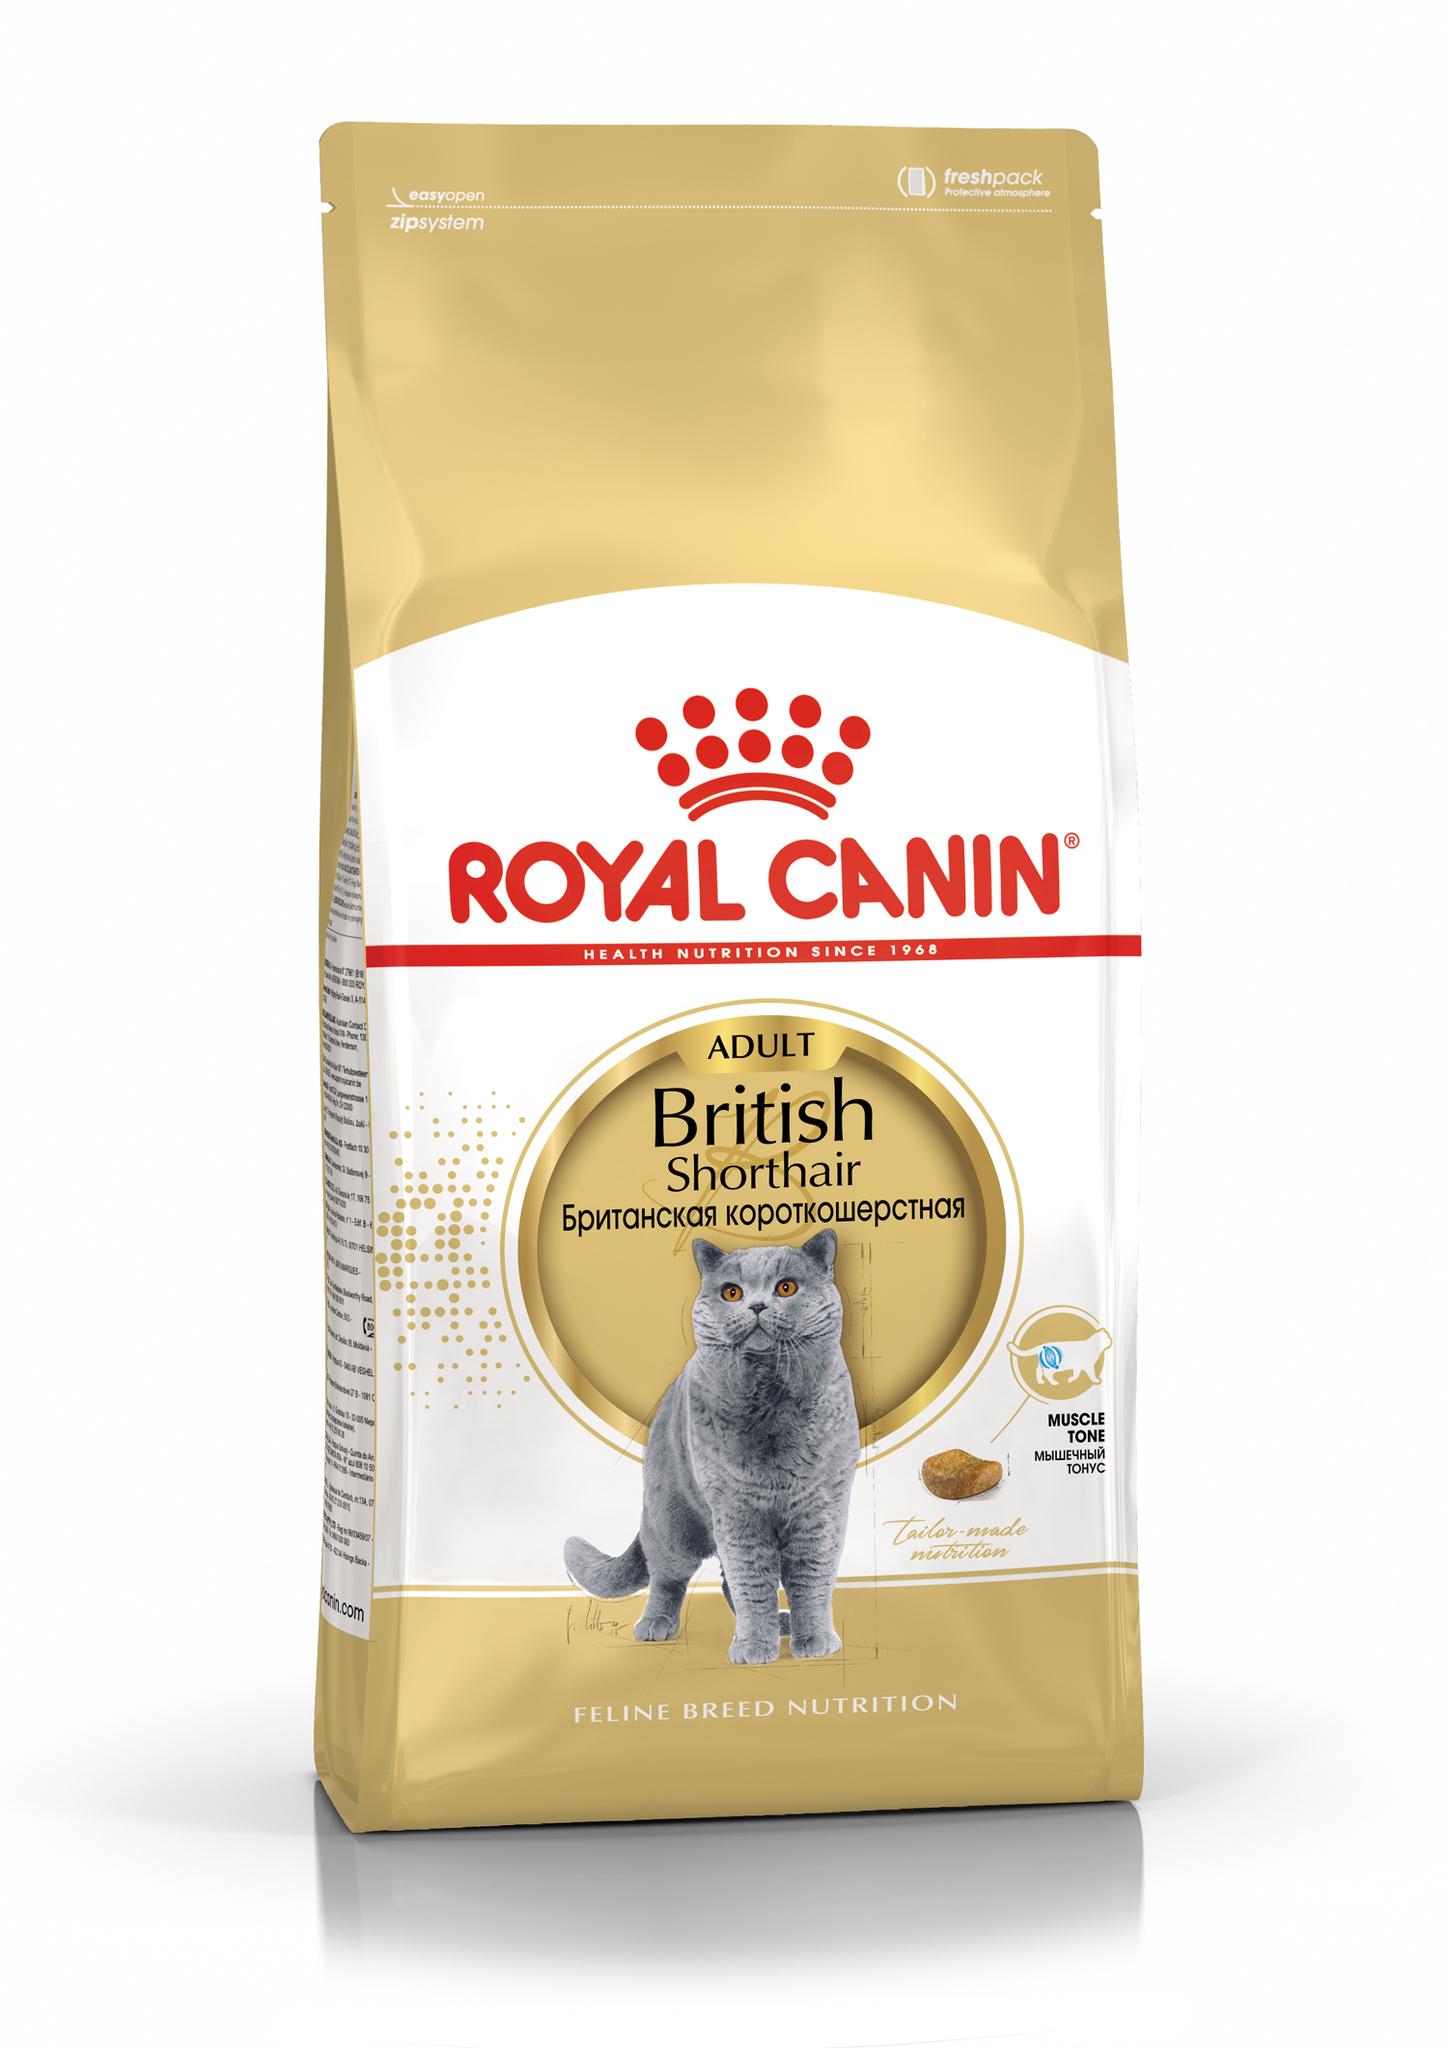 Сухой корм Корм для кошек, Royal Canin British Shorthair Adult, для кошек породы британская короткошерстная и породы шотландская вислоухая в возрасте от 1 года и старше 3182550836814_1.jpg